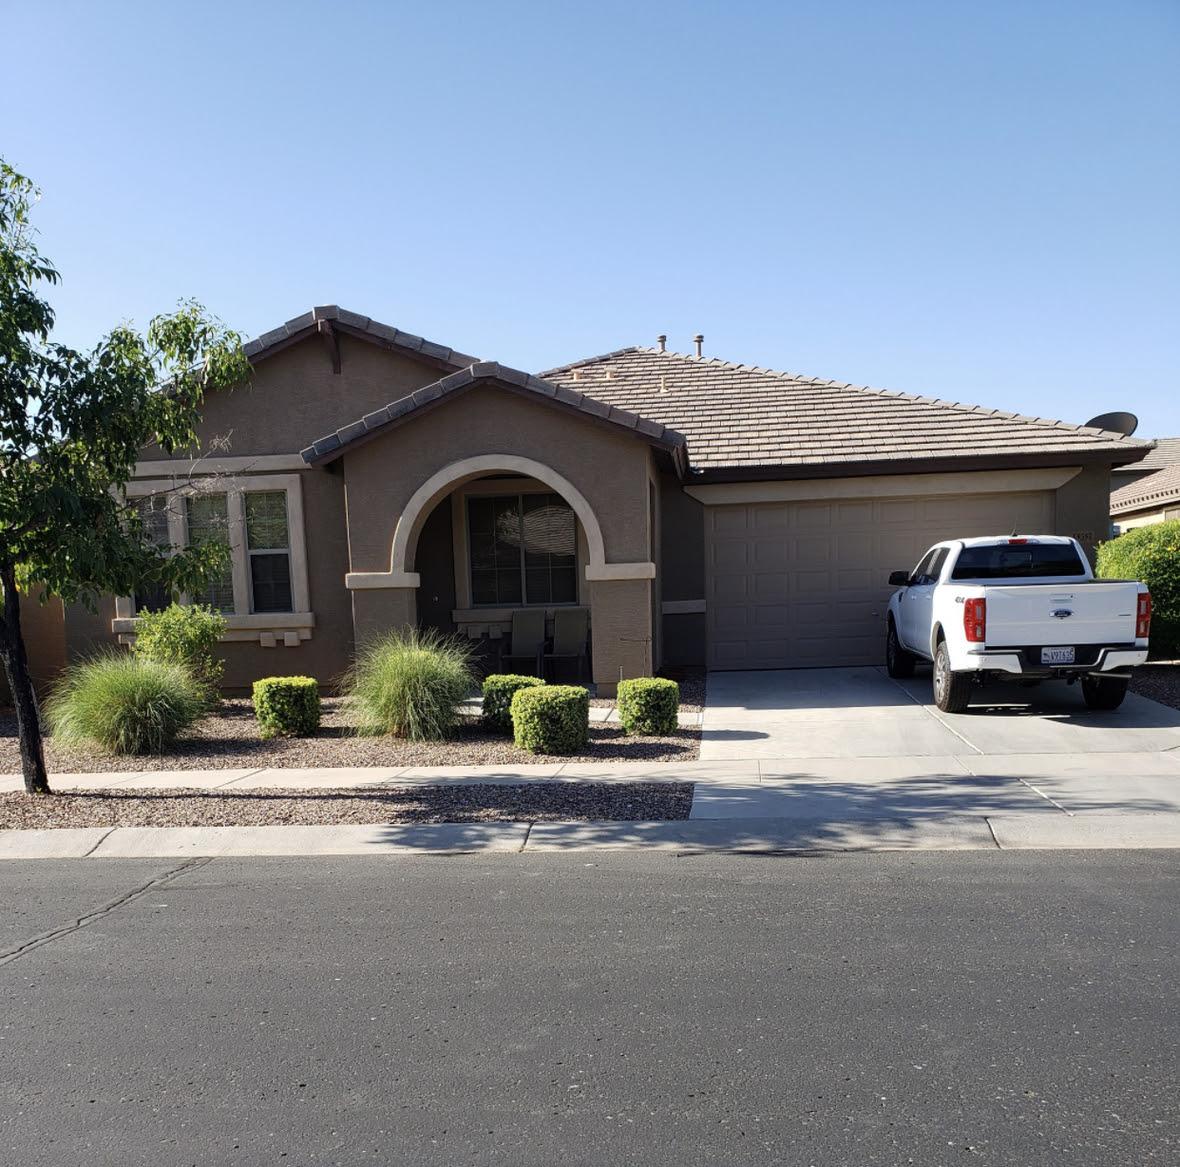 14557 W Jenan Dr, Surprise, AZ 85379 wholesale property listing home for sale